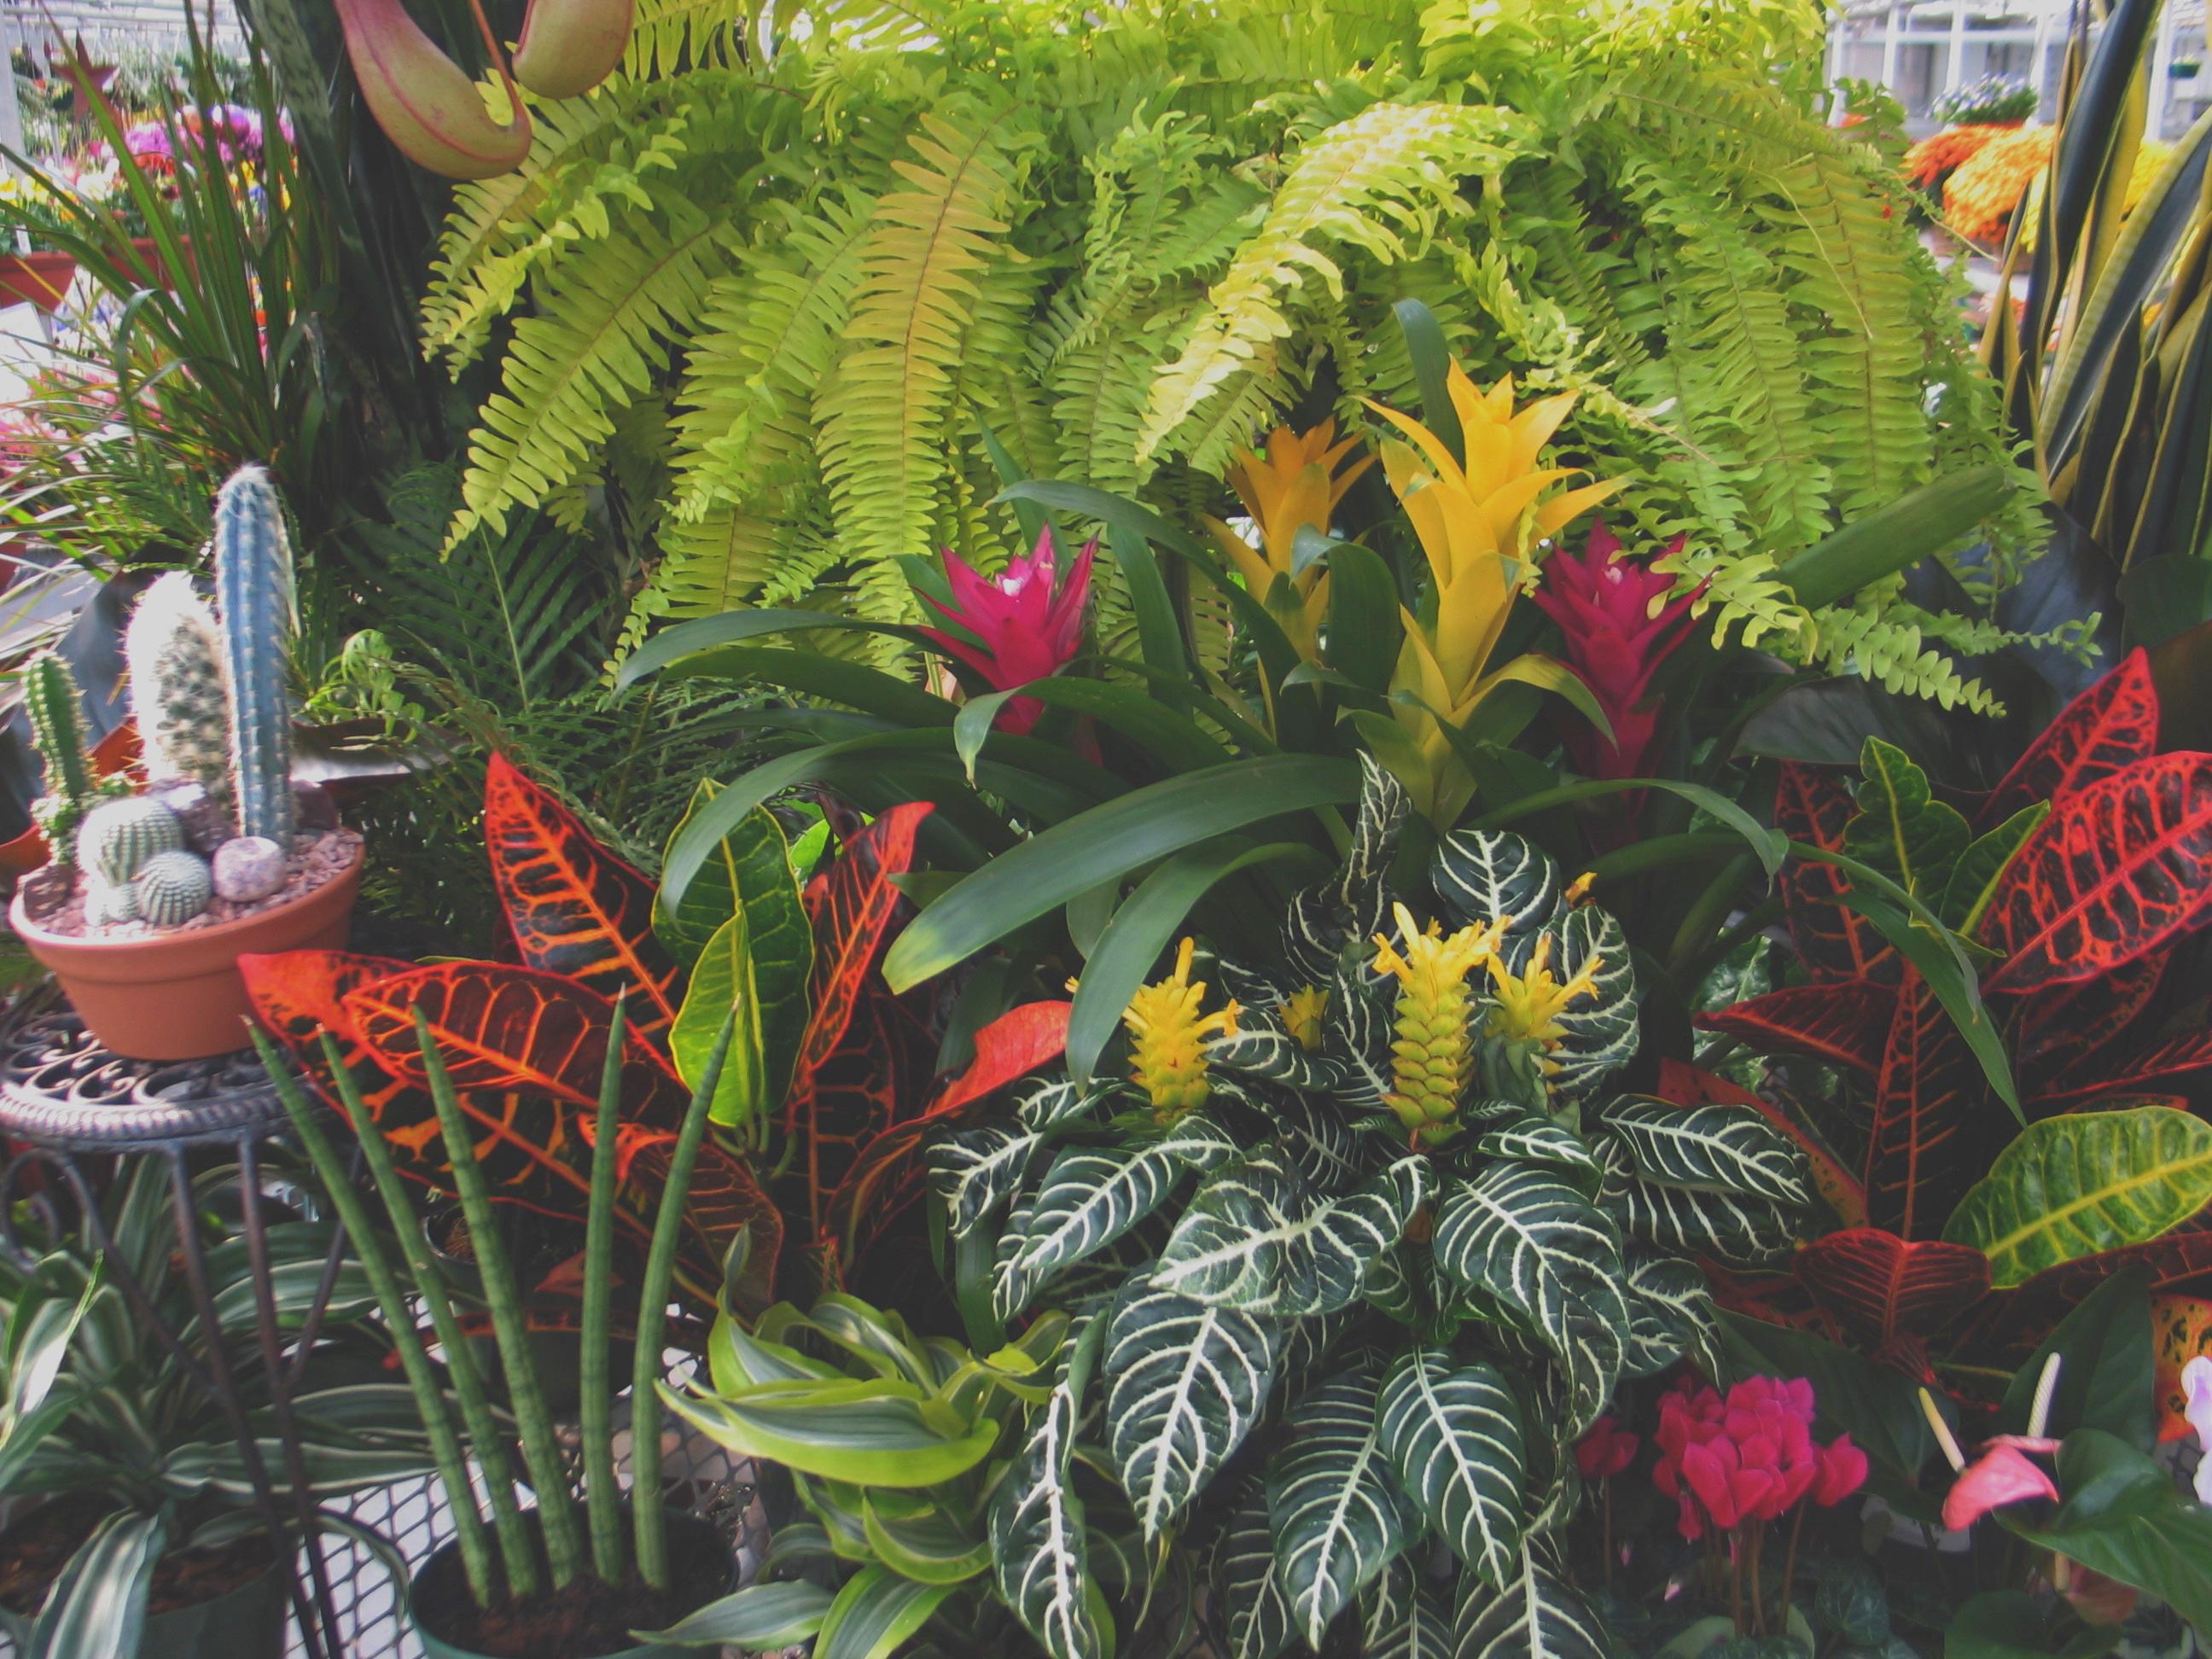 Garden Centre: Garden Center & Wholesale Plants